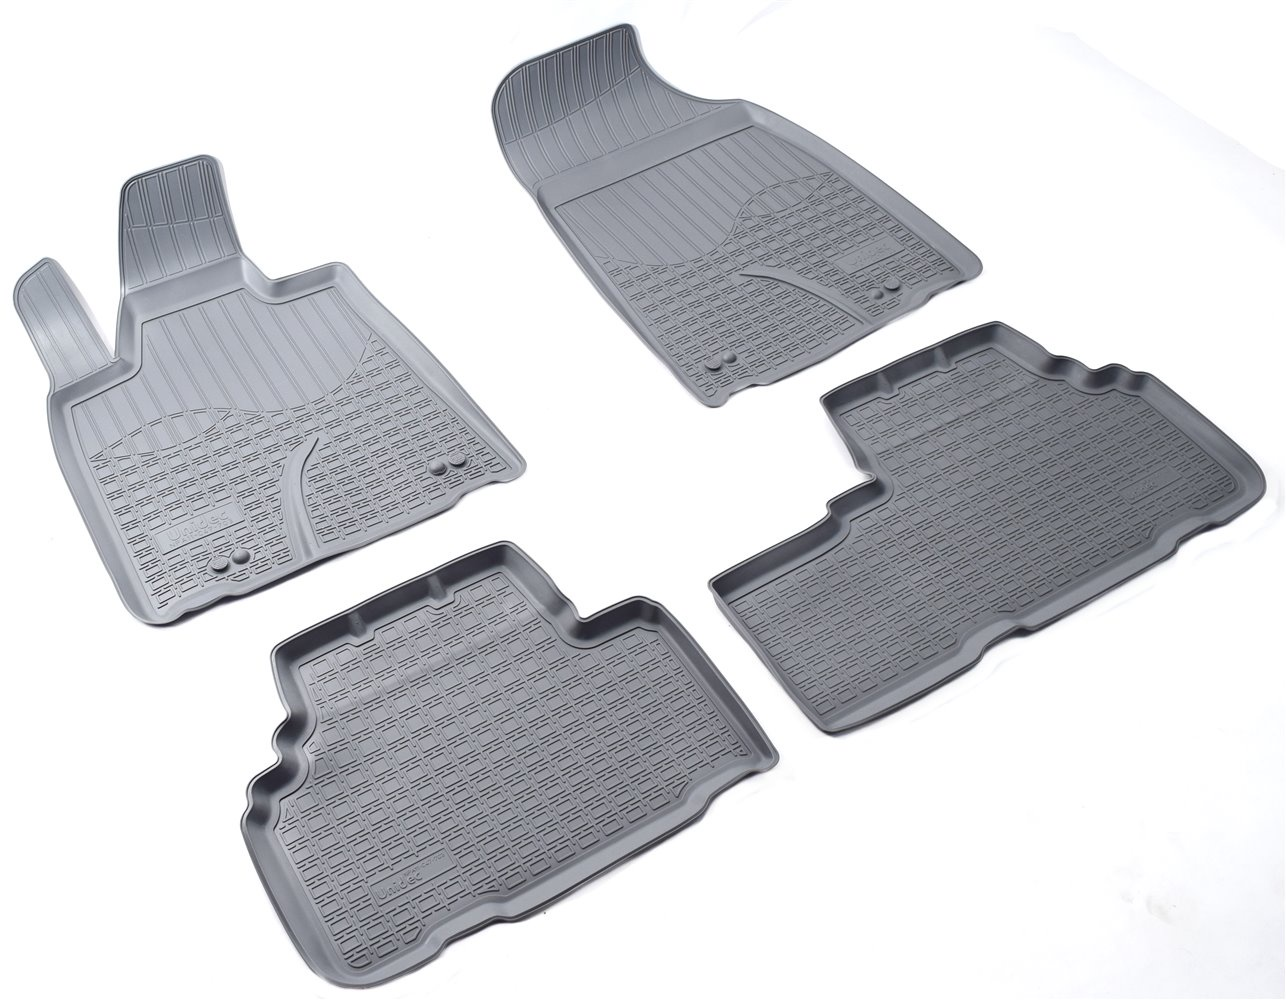 Коврики в салон автомобиля Norplast для Nissan Juke 3D (2010), npl-po-61-10-g, серый коврики в салон автомобиля norplast npl po 46 65